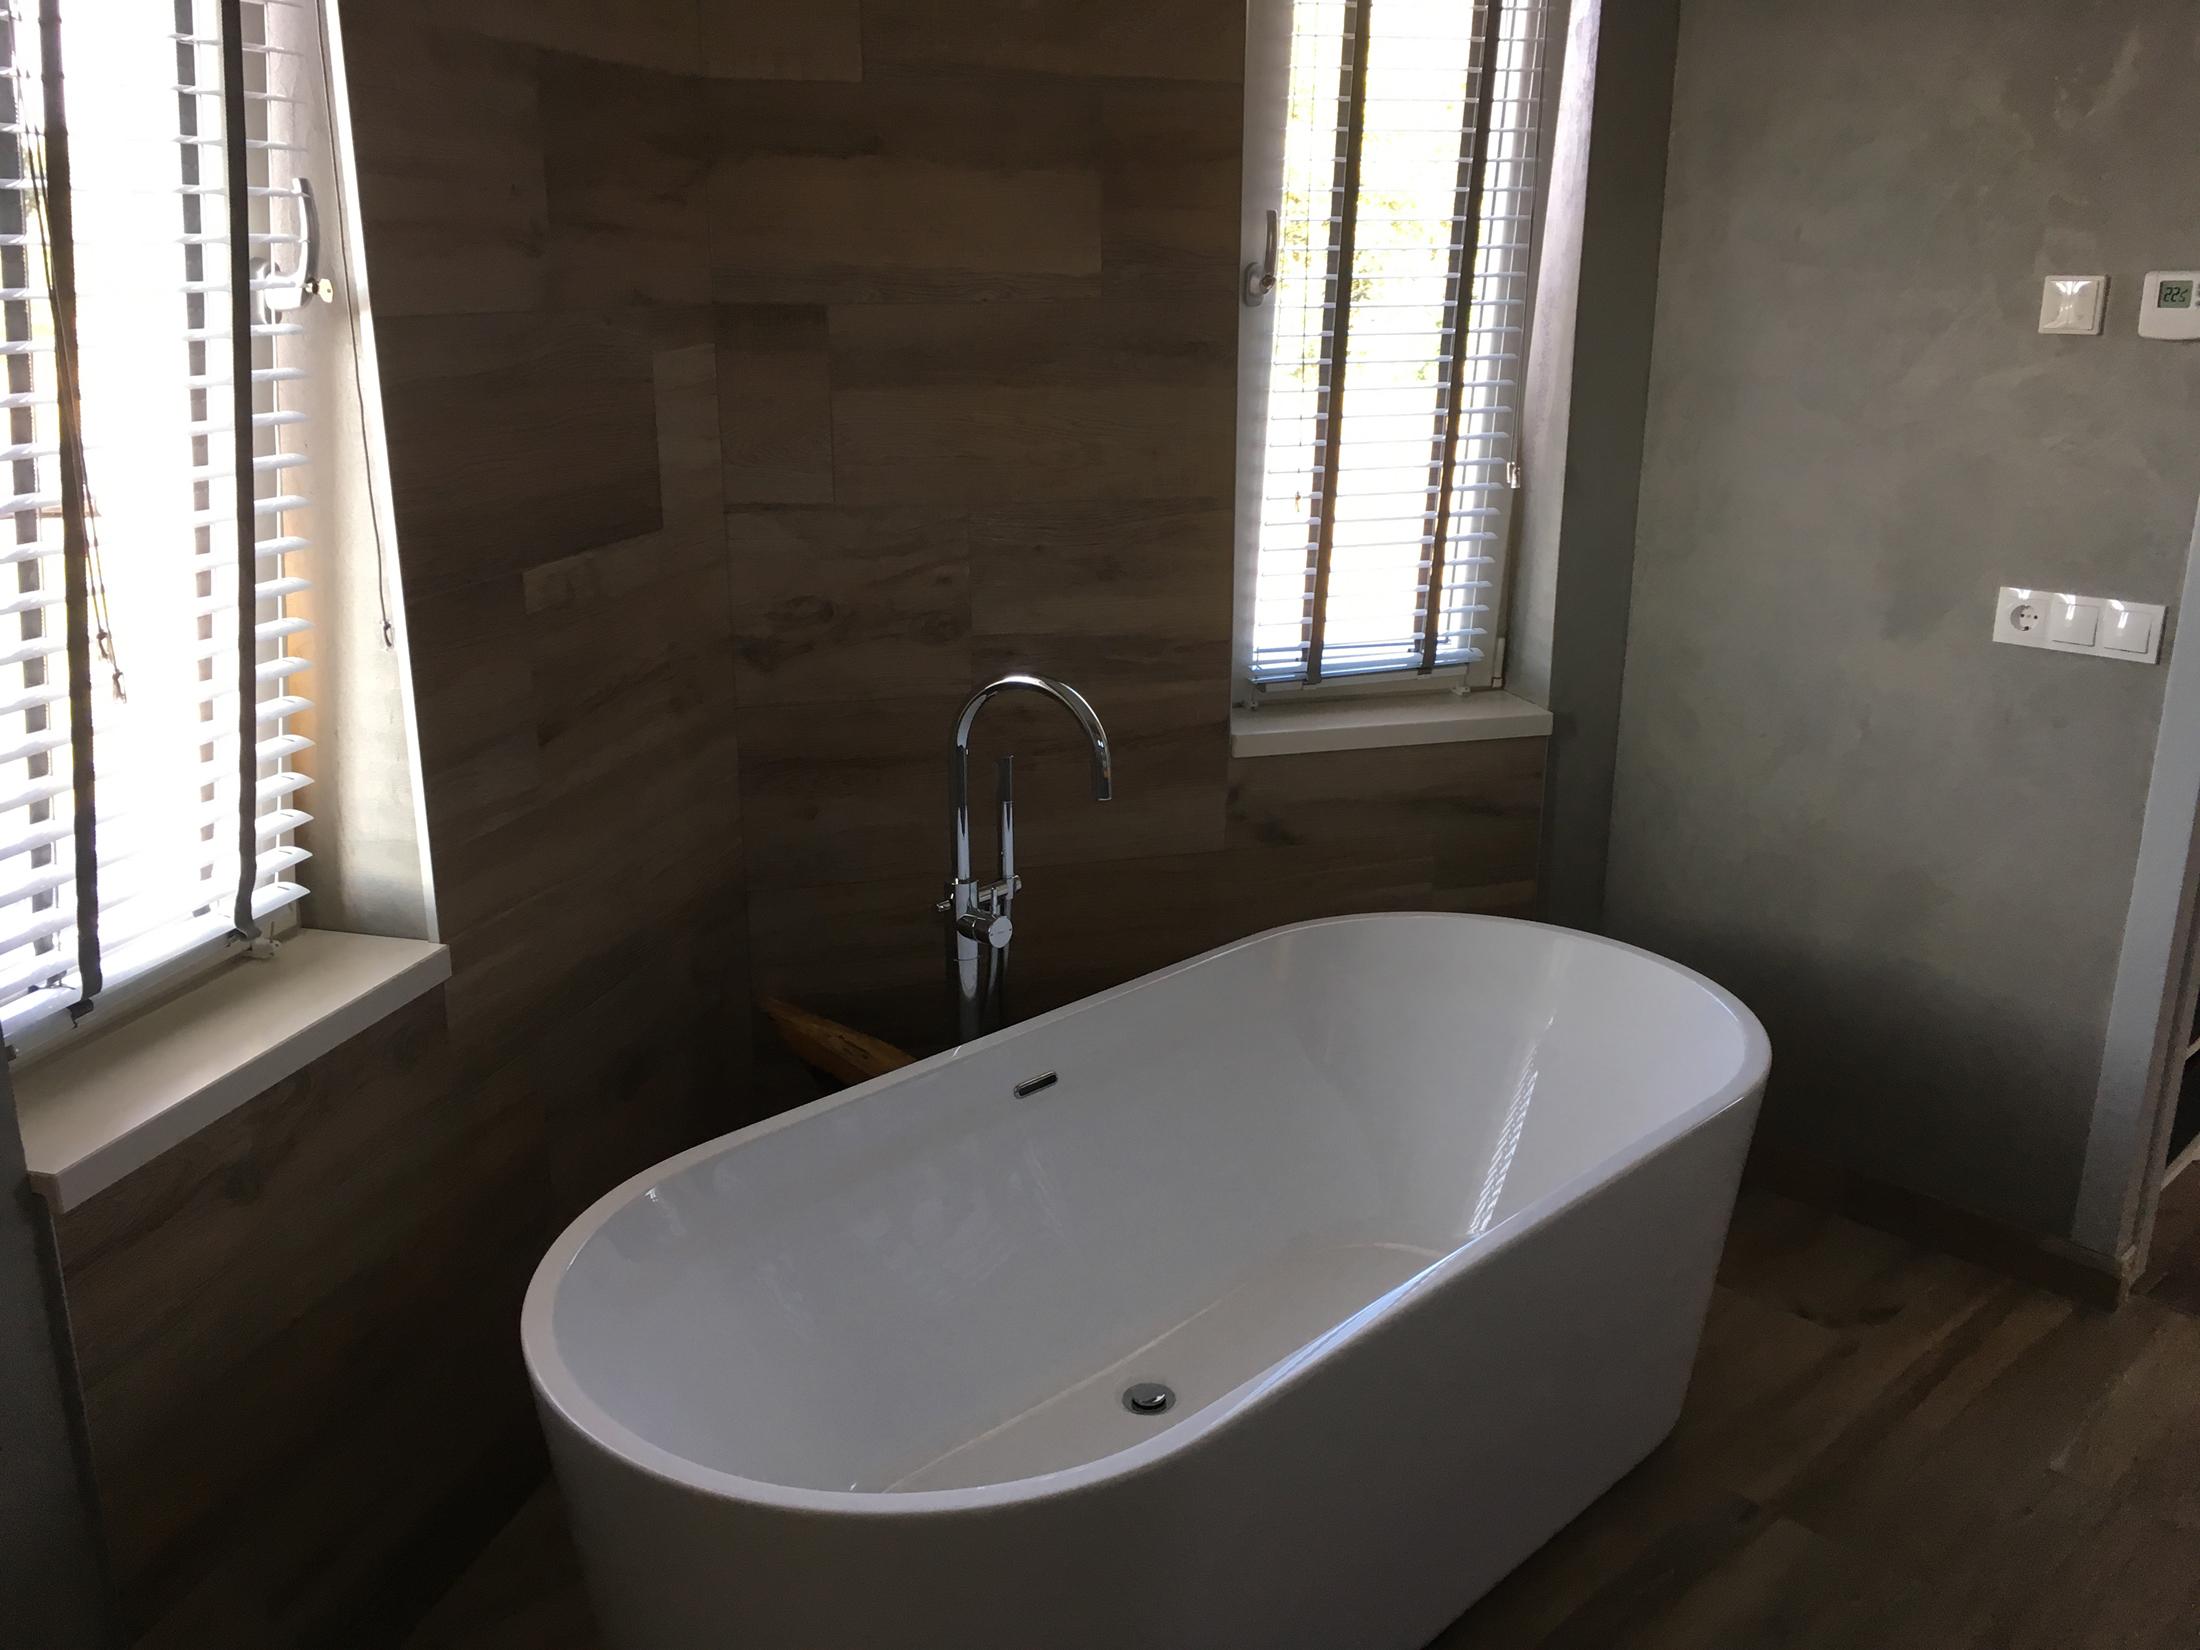 Zeskant-woonhuis-Maashorst-Uden-bad